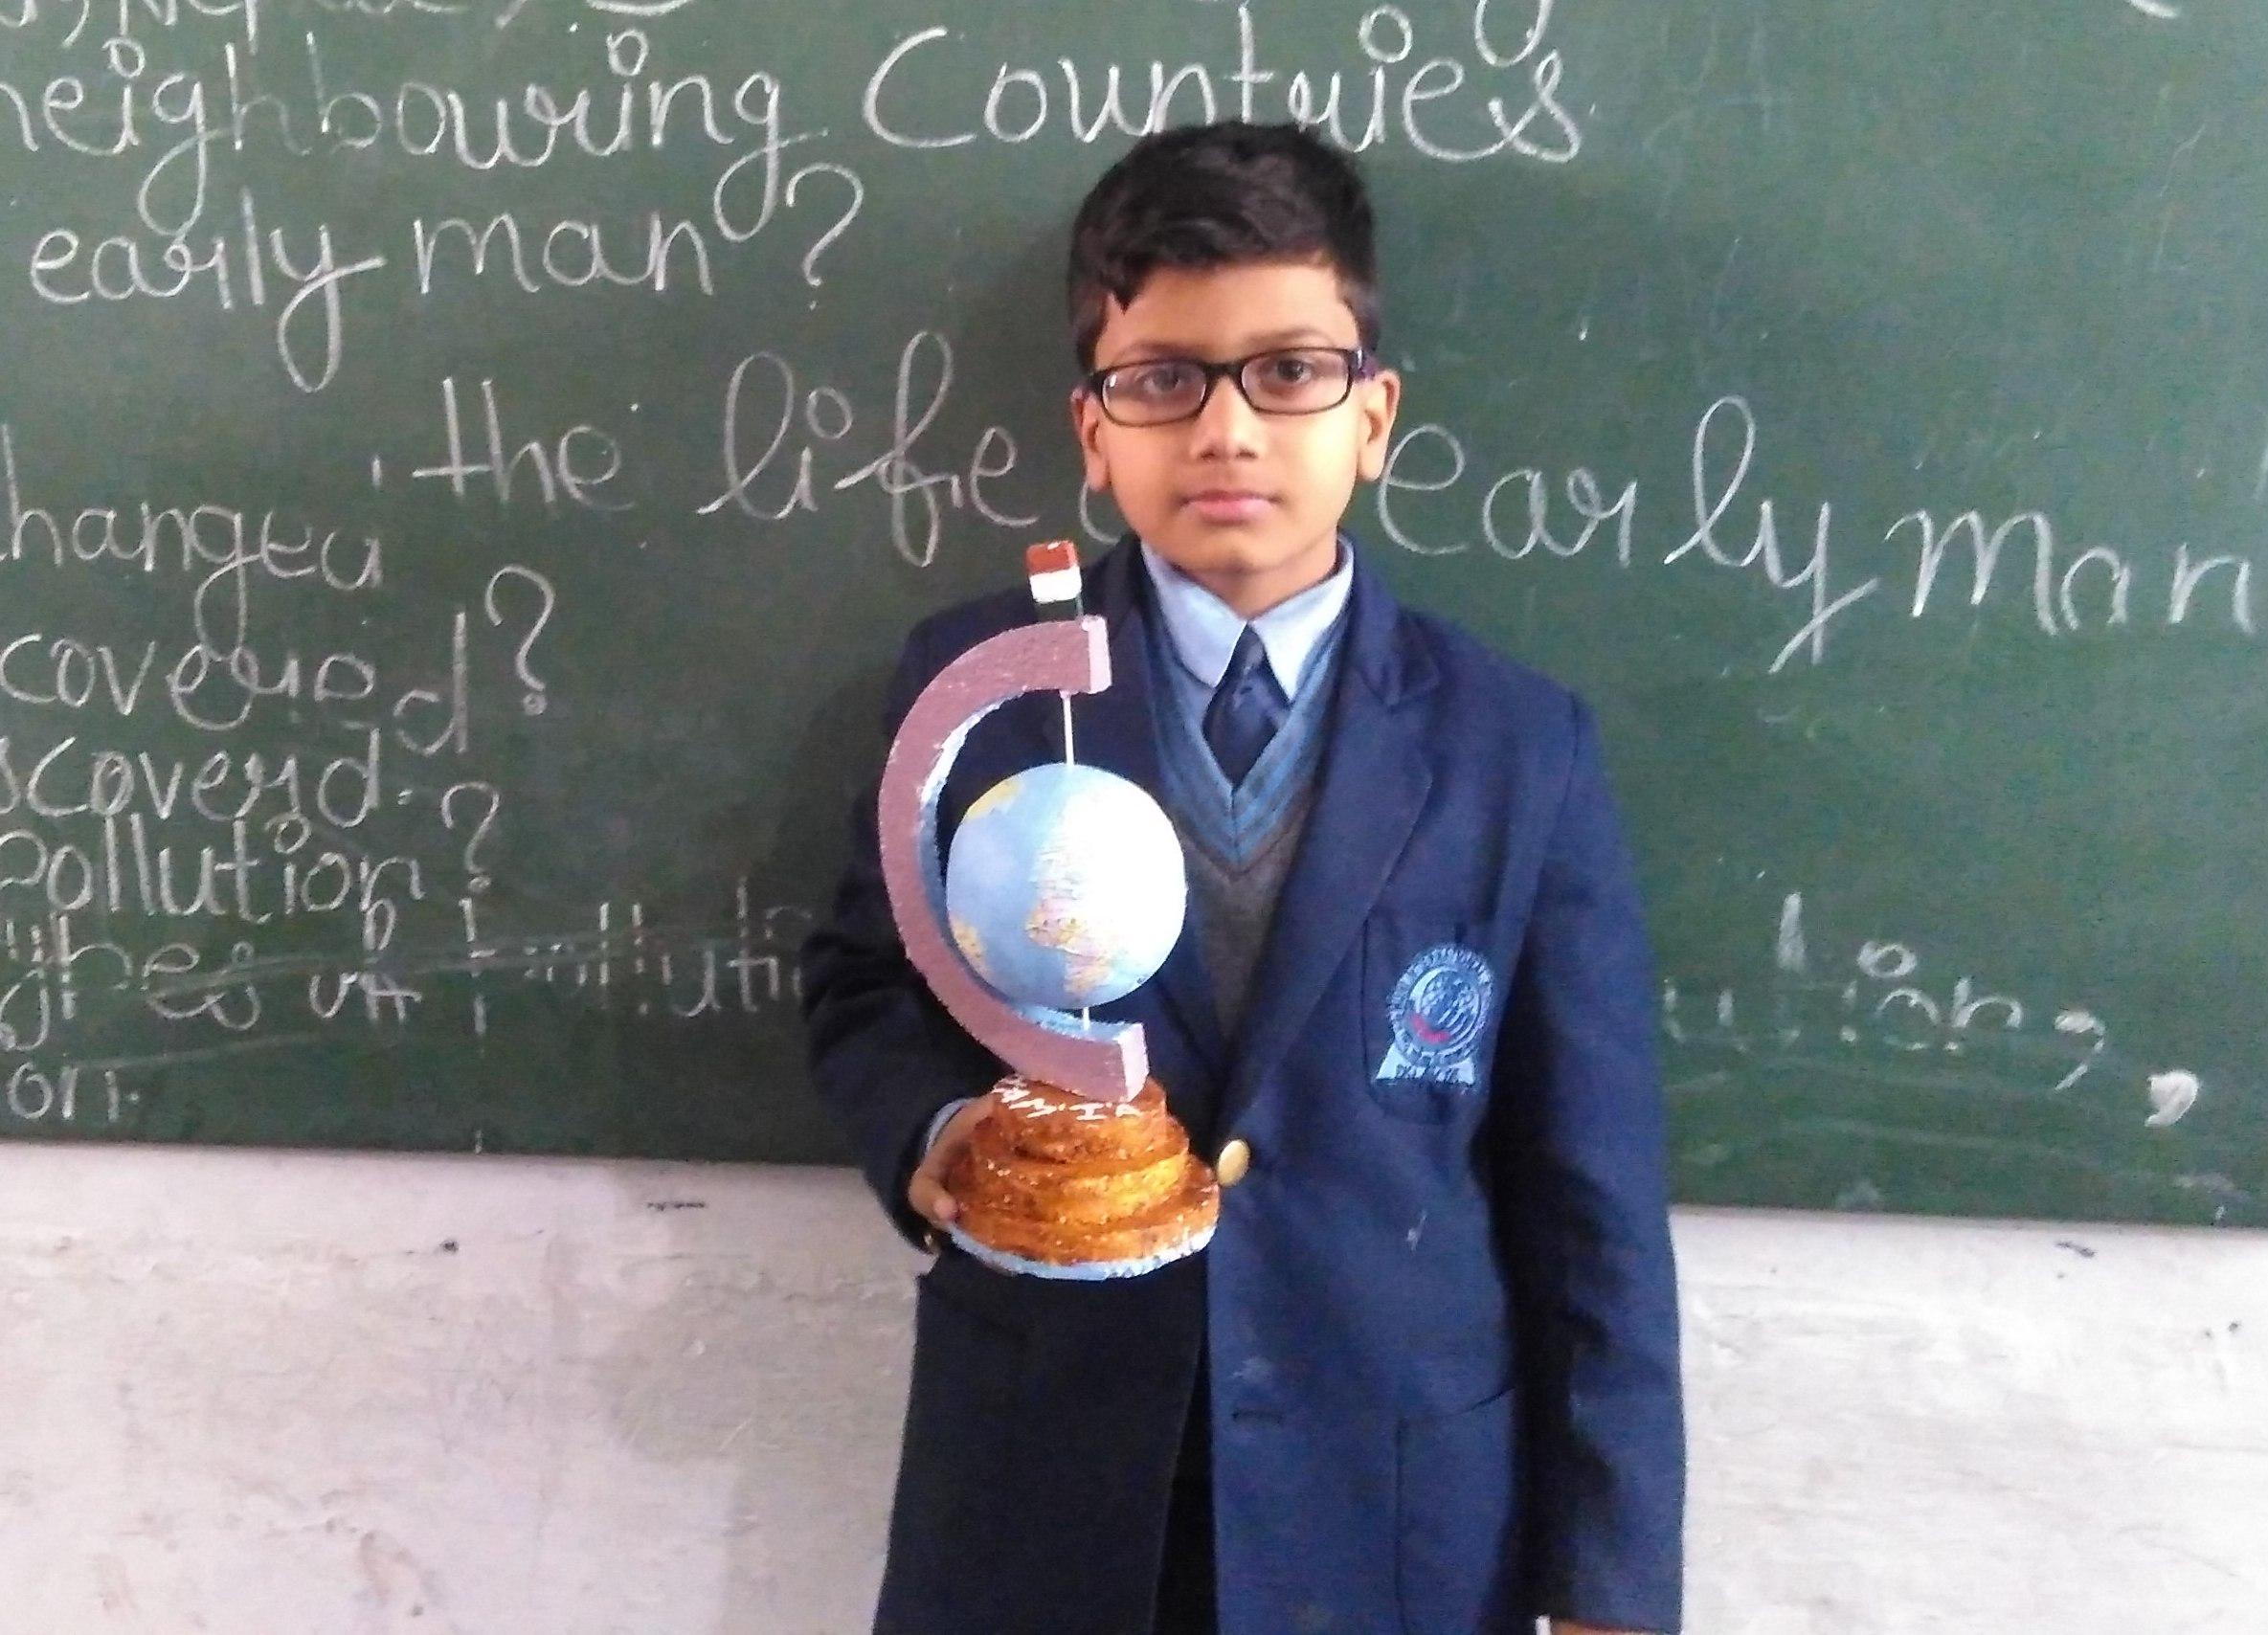 ज्ञान-विज्ञान प्रकृति के कण-कण में व्याप्त है: डॉ. अशोक